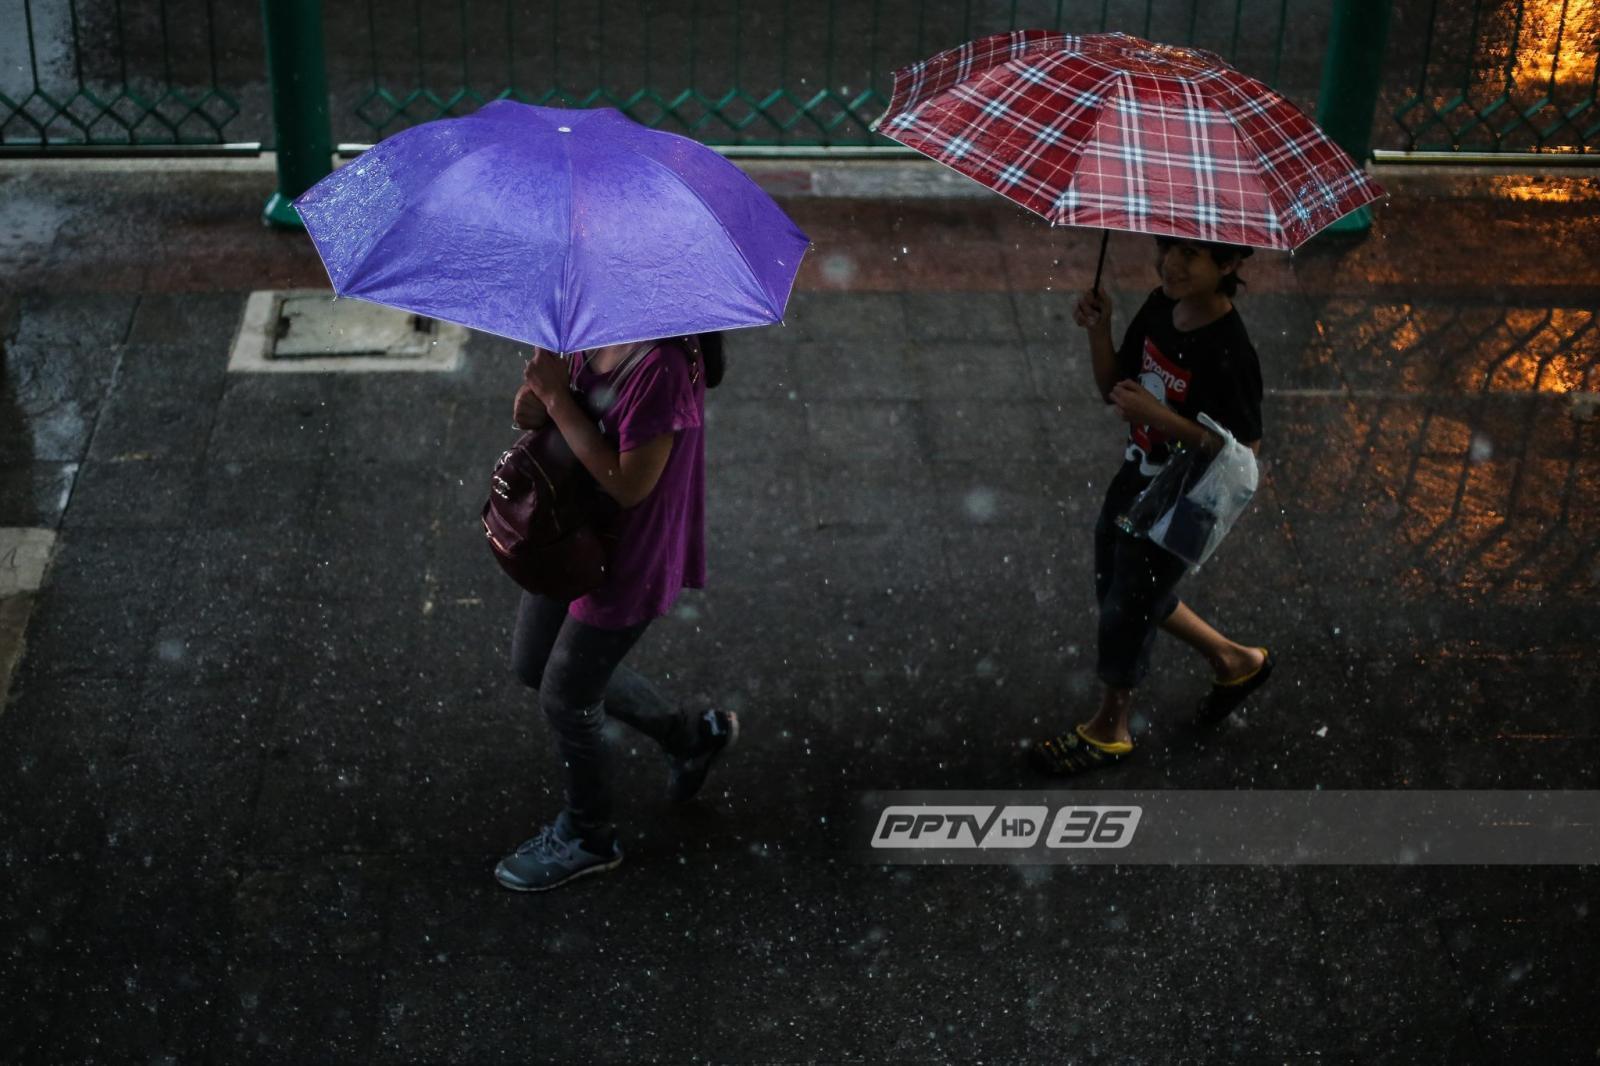 เกือบทุกภาคยังมีฝนตกหนัก เฝ้าระวังน้ำท่วม-น้ำป่า